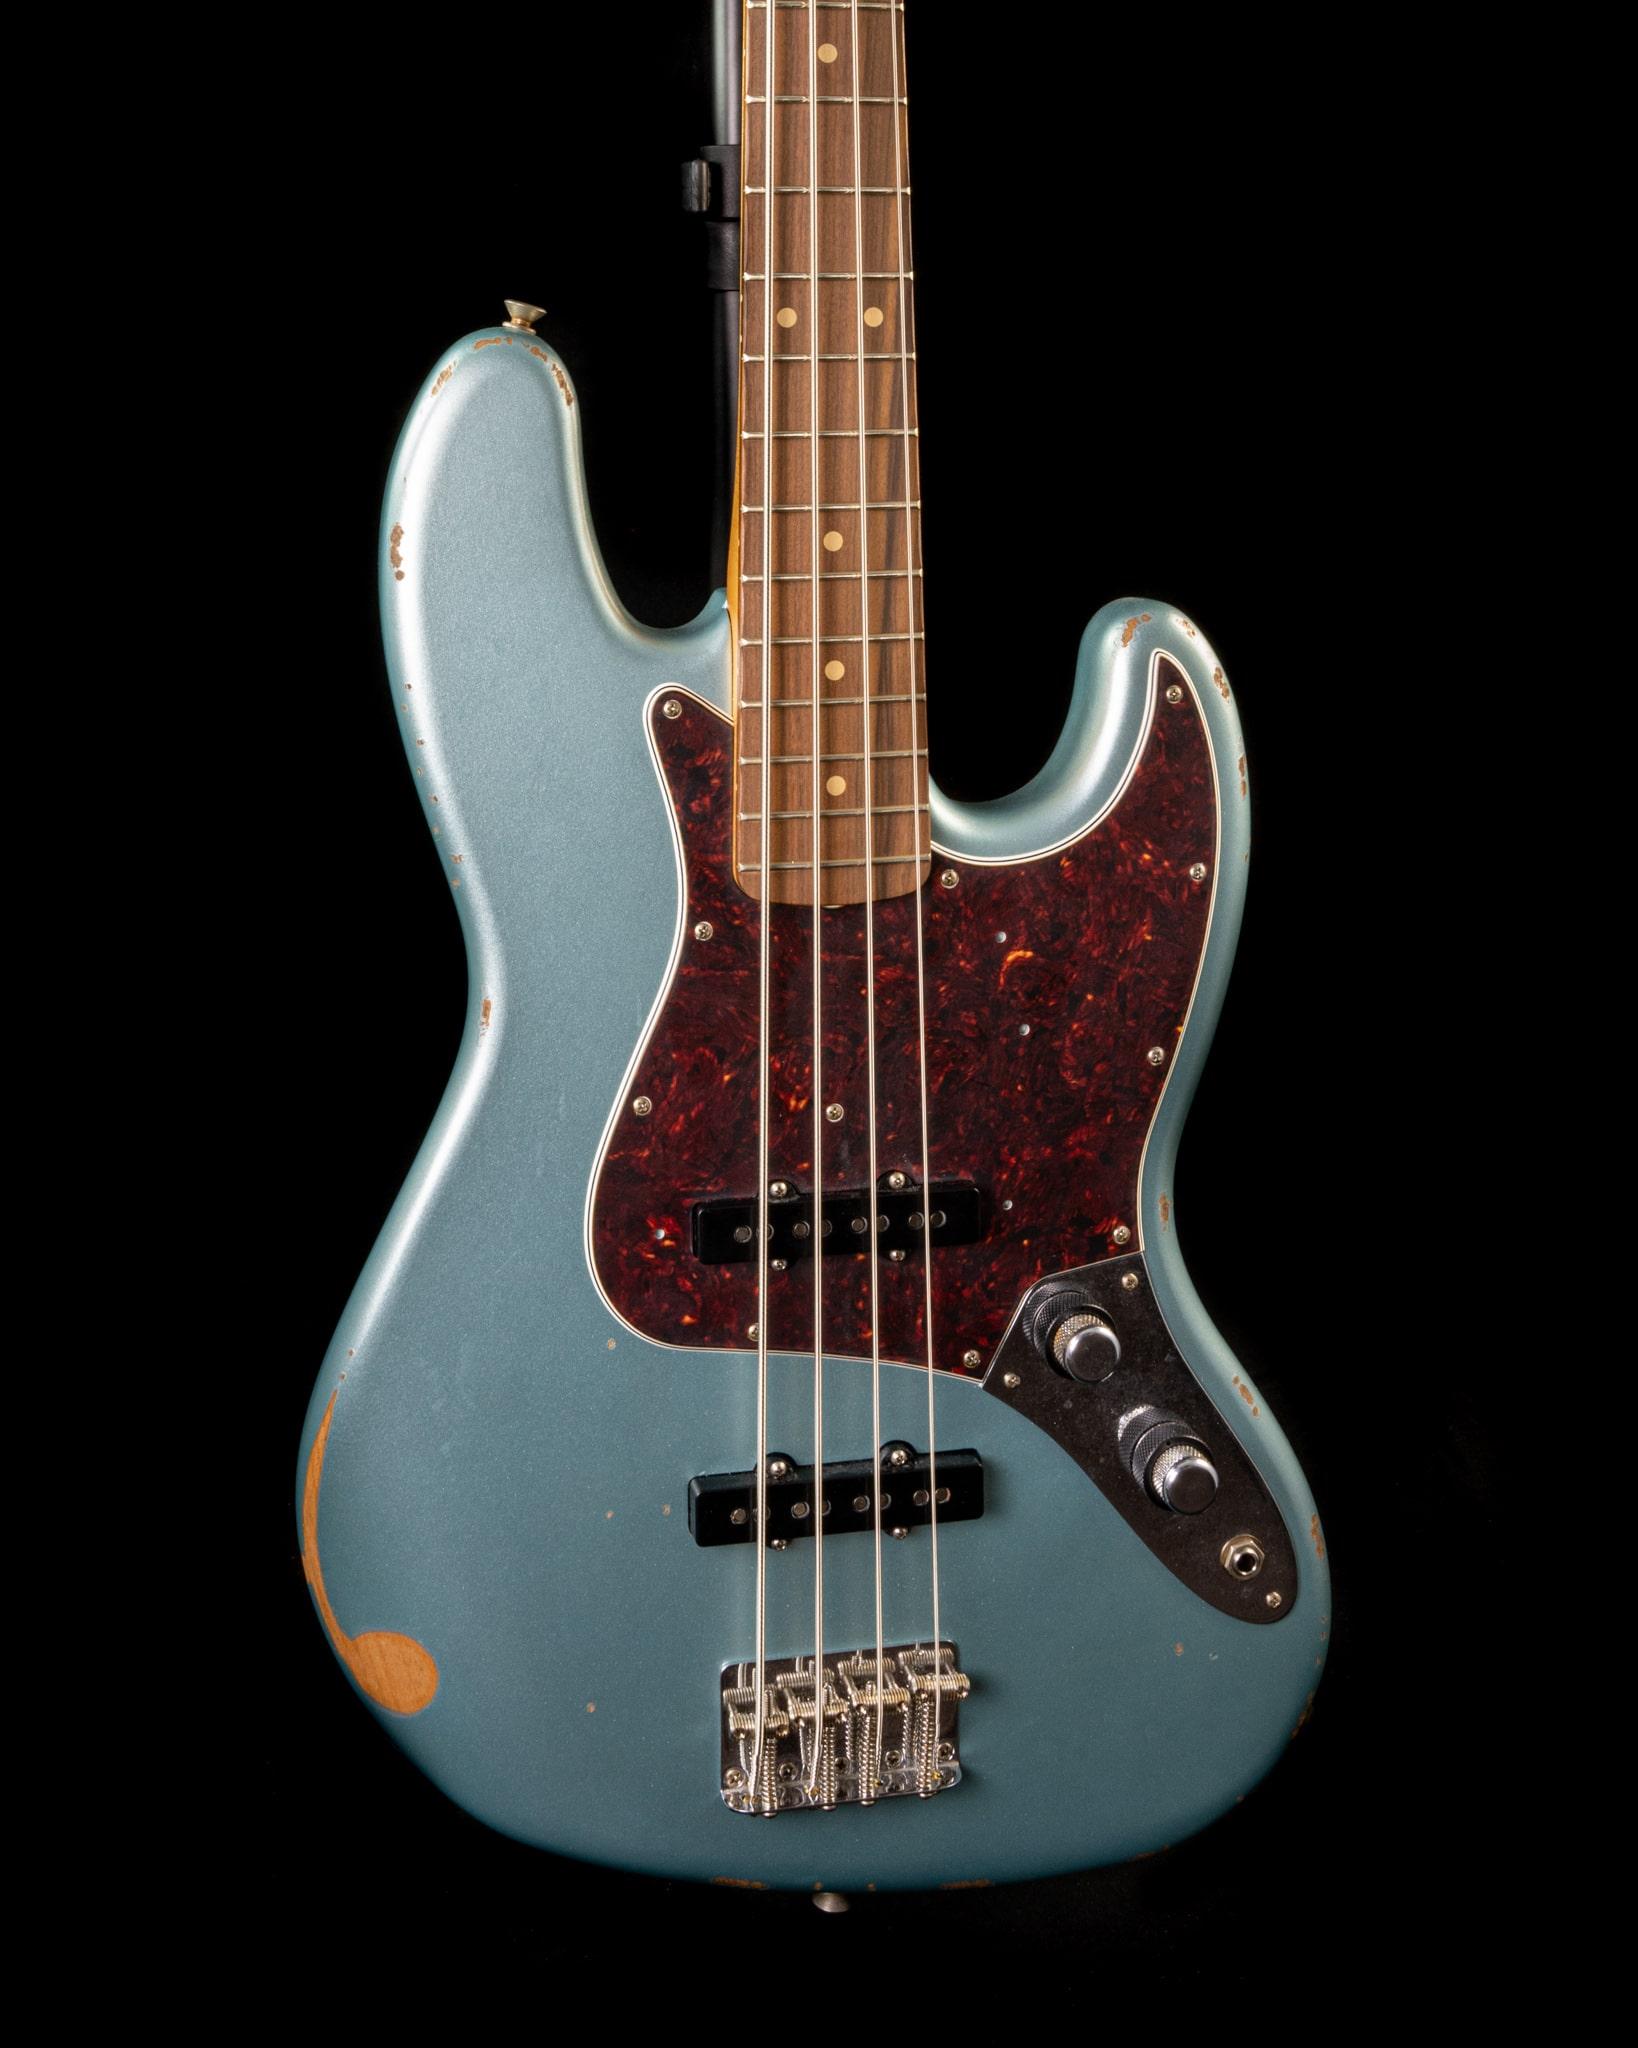 Fender 60th Anniversary Road Worn Jazz Bass in Firemist Silver